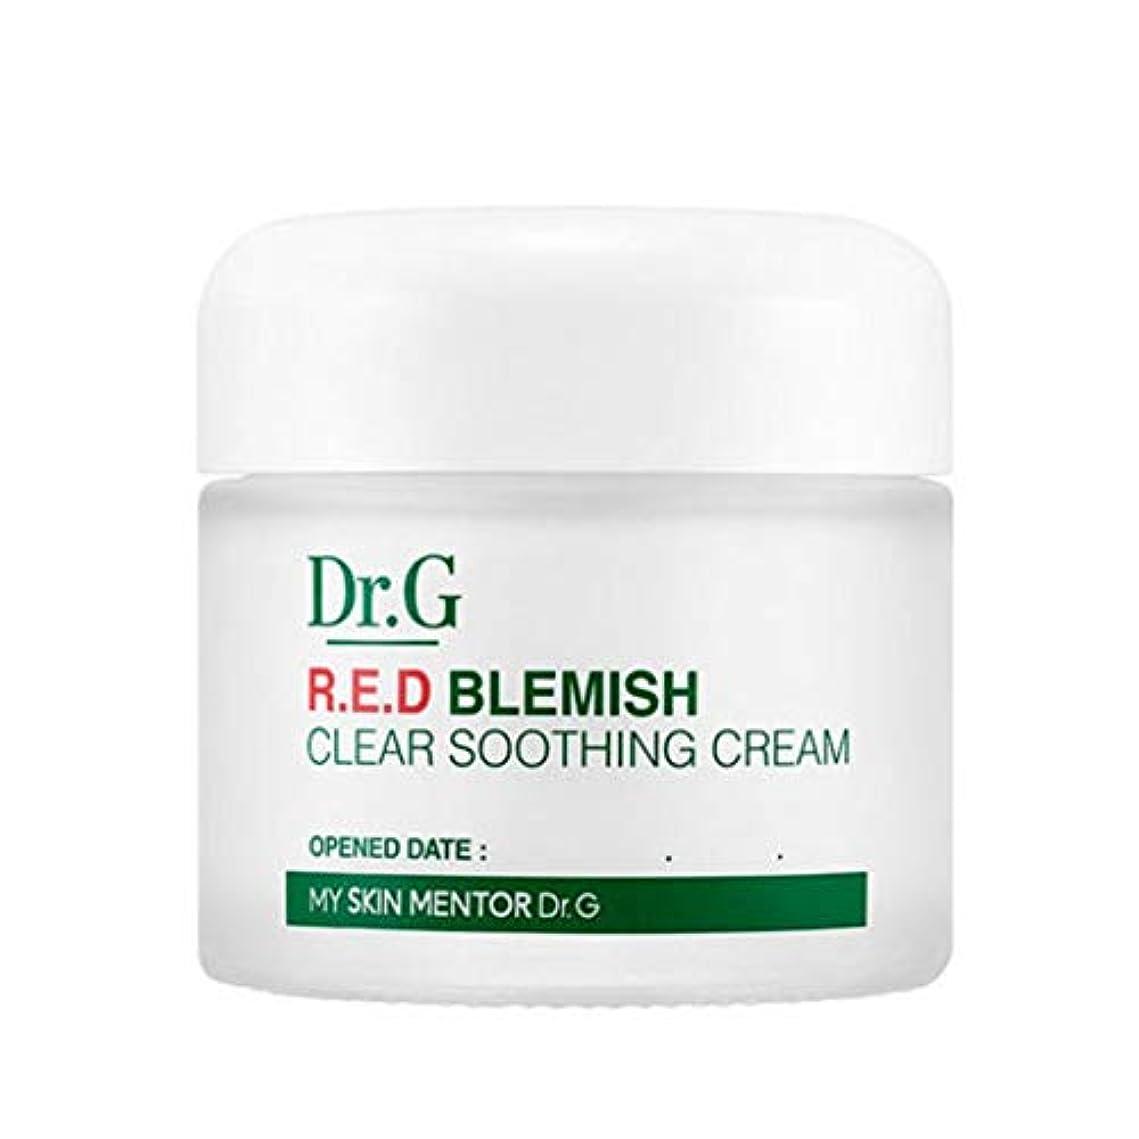 イブニング海月曜日ドクターGレッドブレミッシュクリアスージングクリーム70ml水分クリーム、Dr.G Red Blemish Clear Soothing Cream 70ml Moisturizing Cream [並行輸入品]